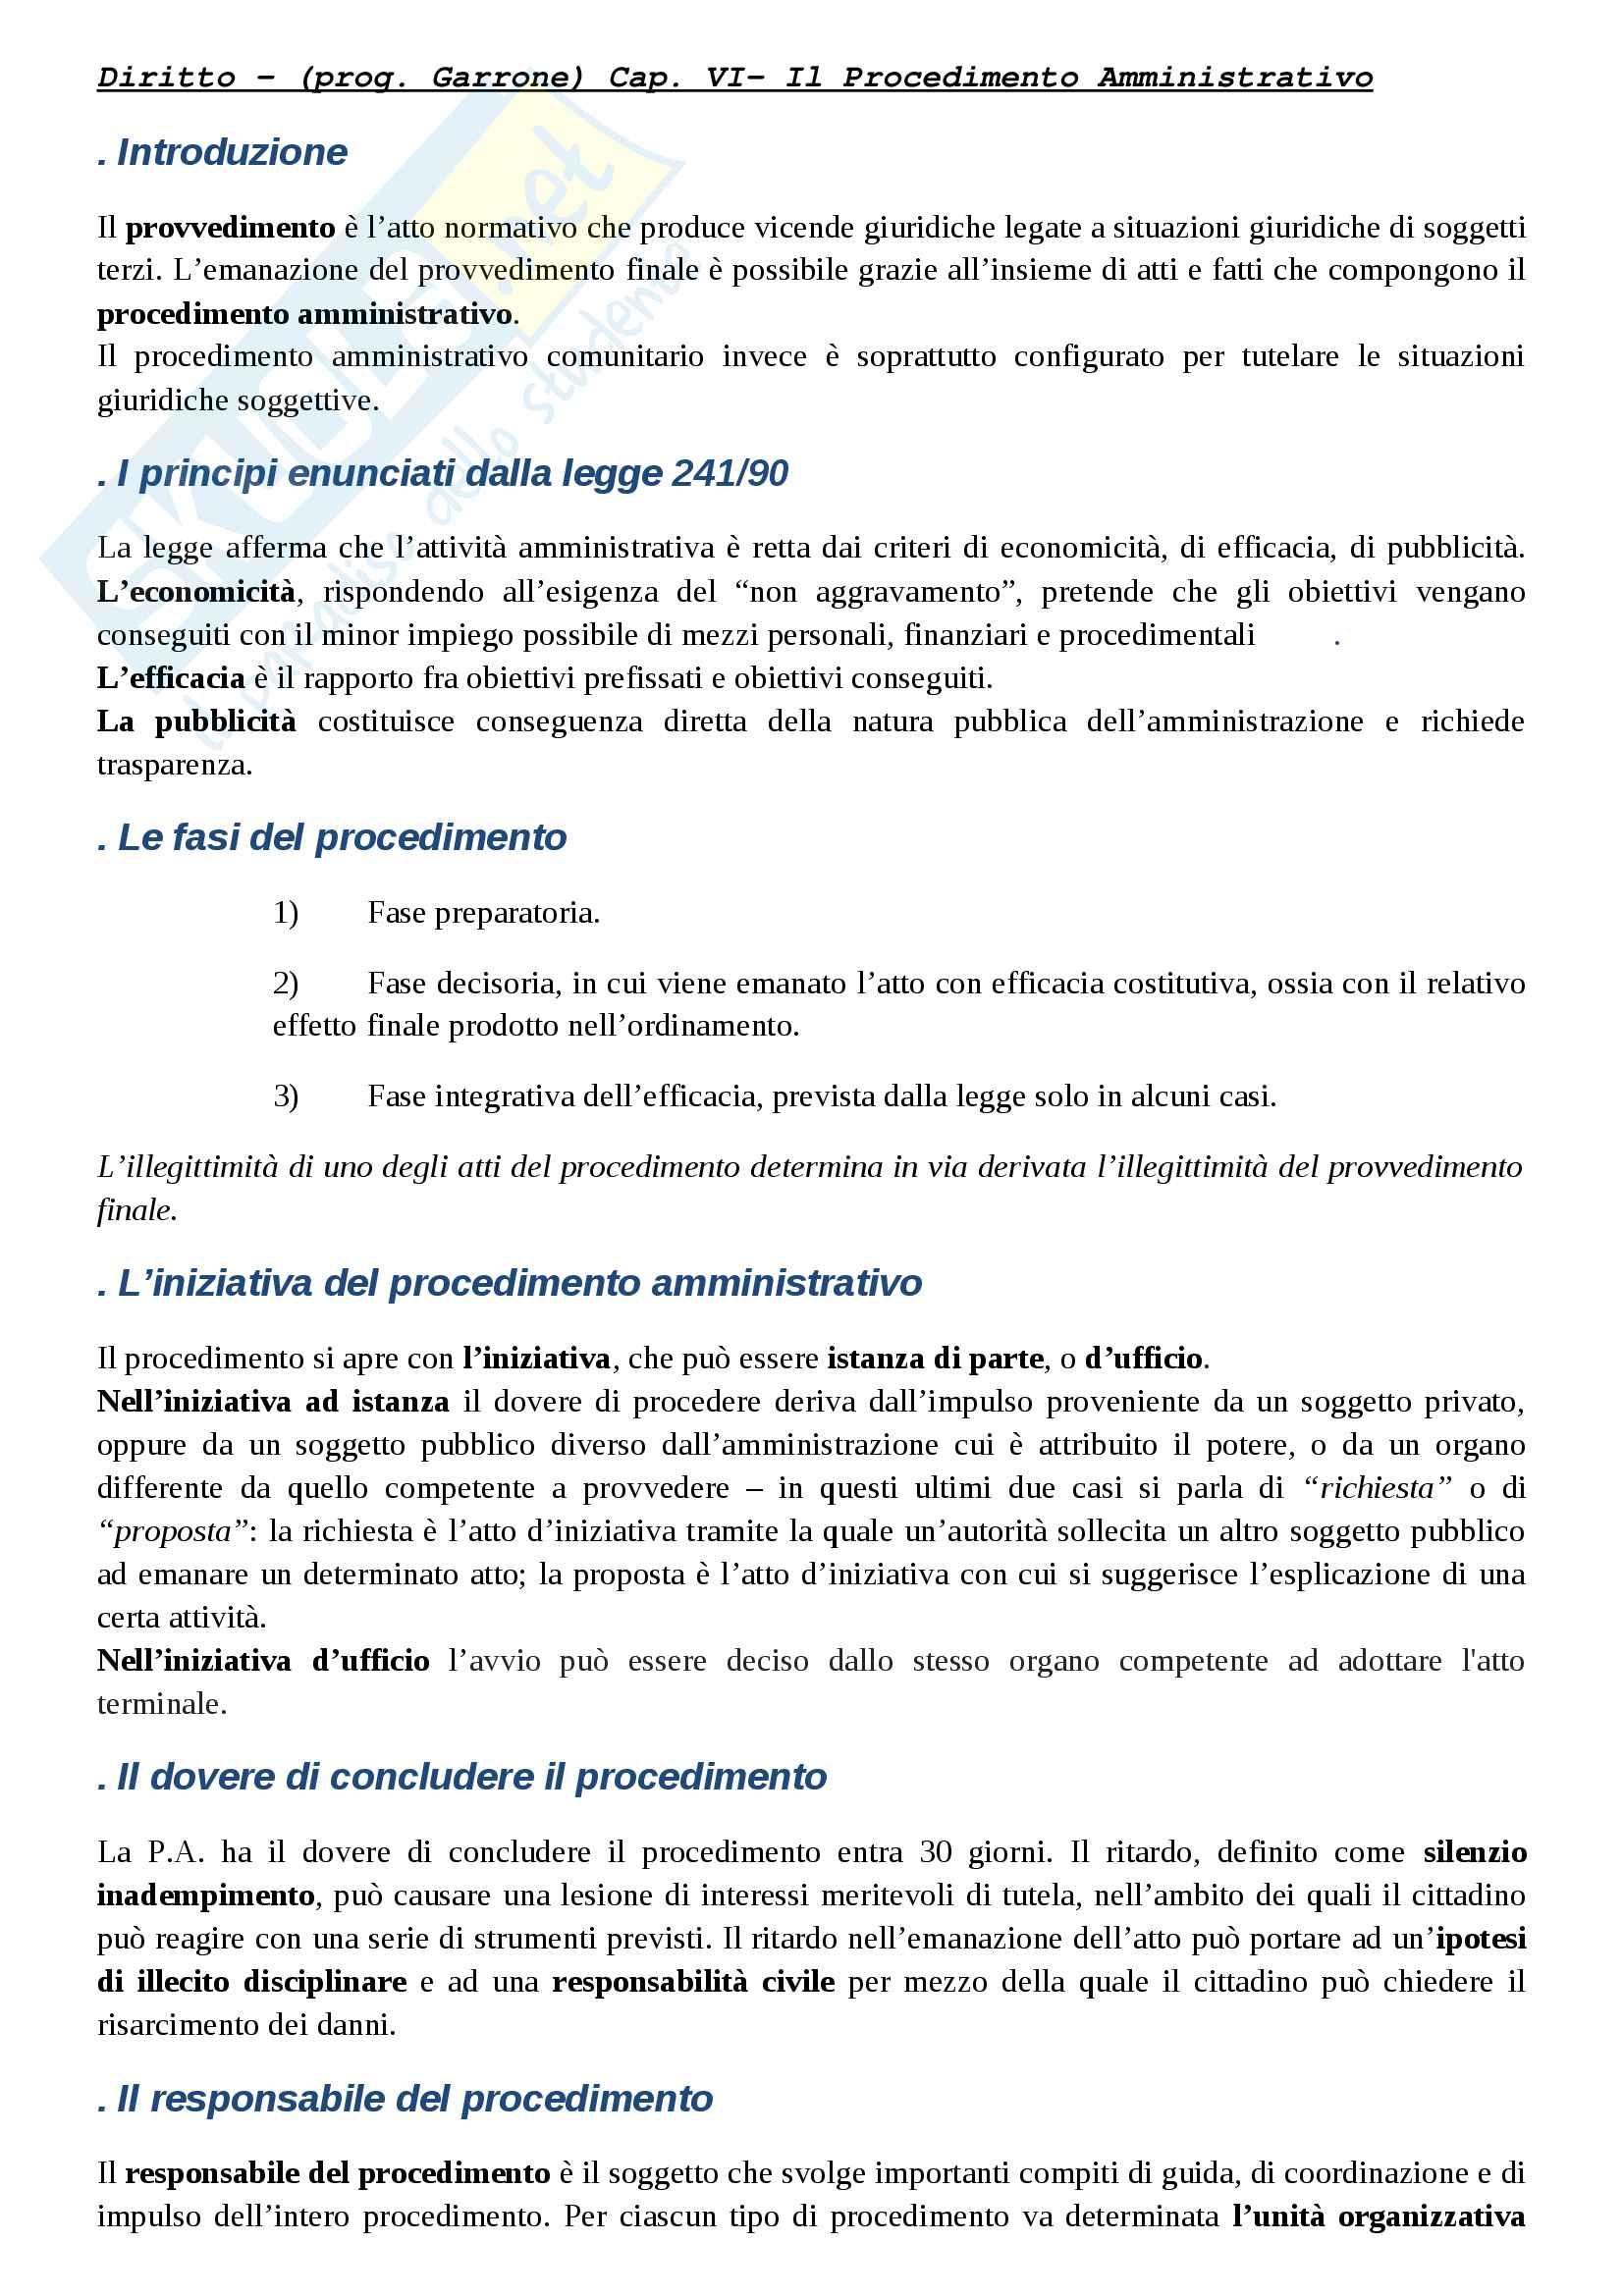 """Riassunto esame diritto amministrativo, docente Giovanni Garrone, libro consigliato """"Compendio di diritto amministrativo"""""""